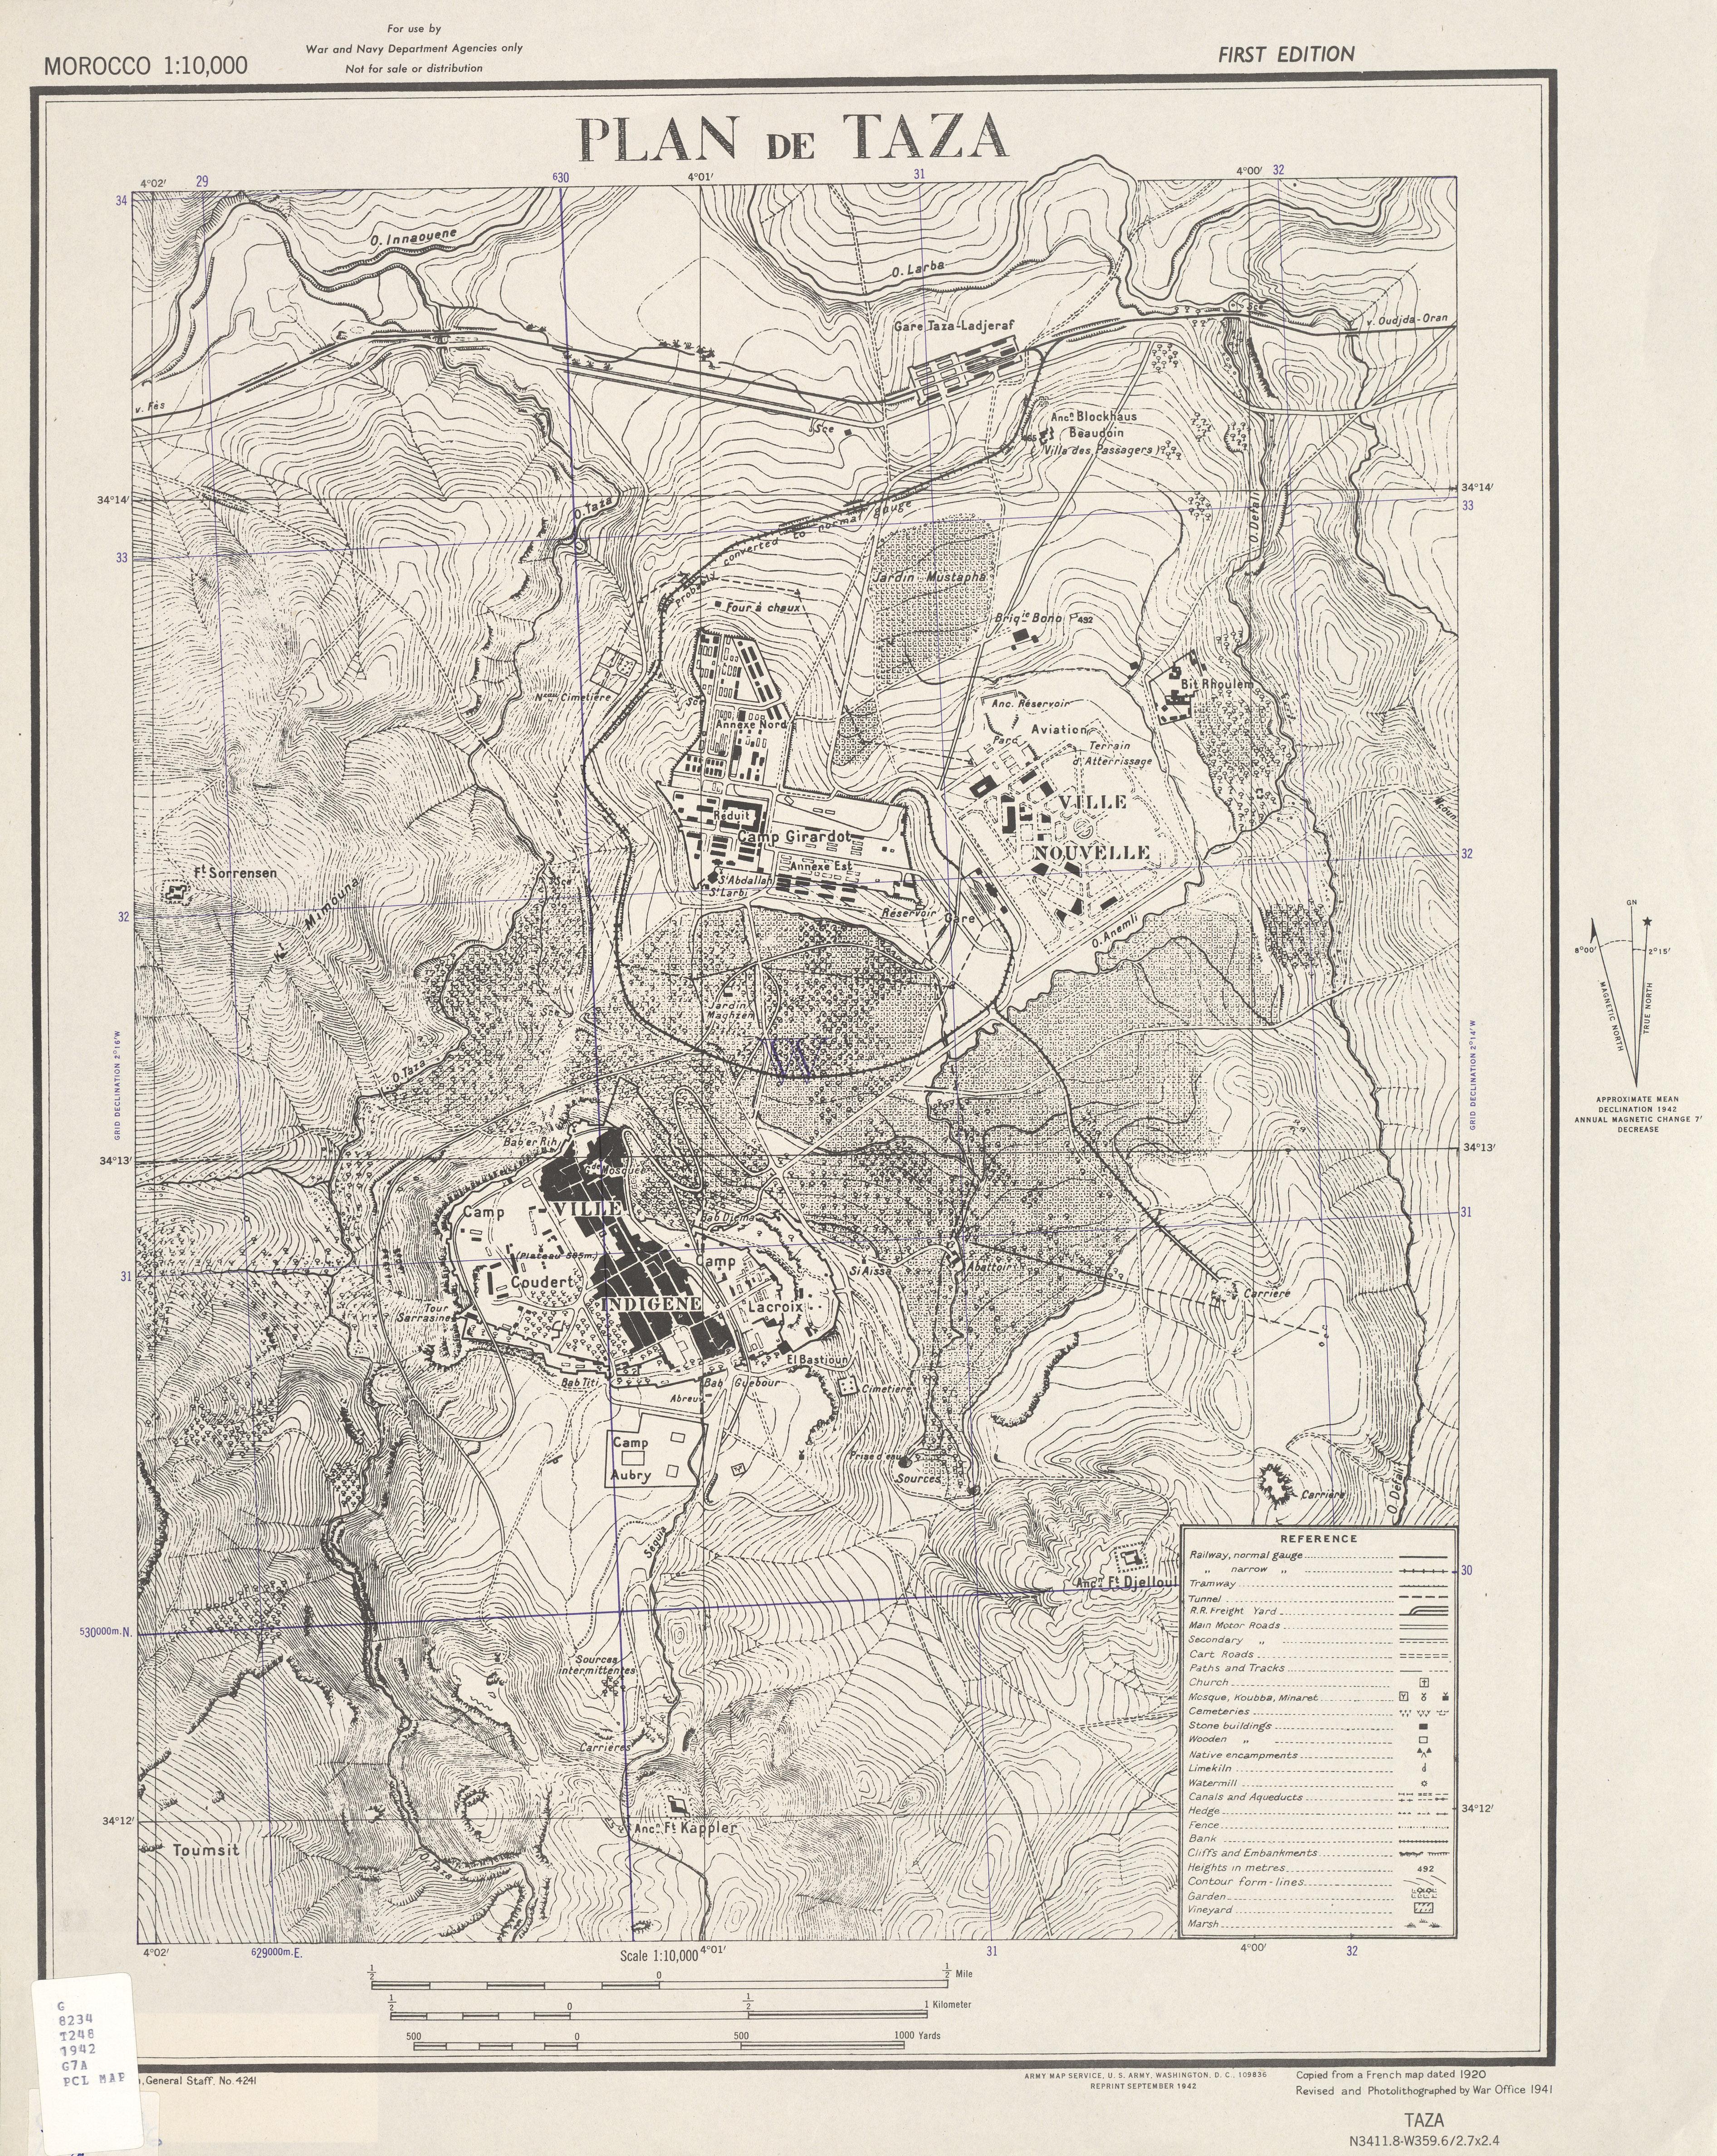 Mapa de la Ciudad de Taza, Marruecos 1942